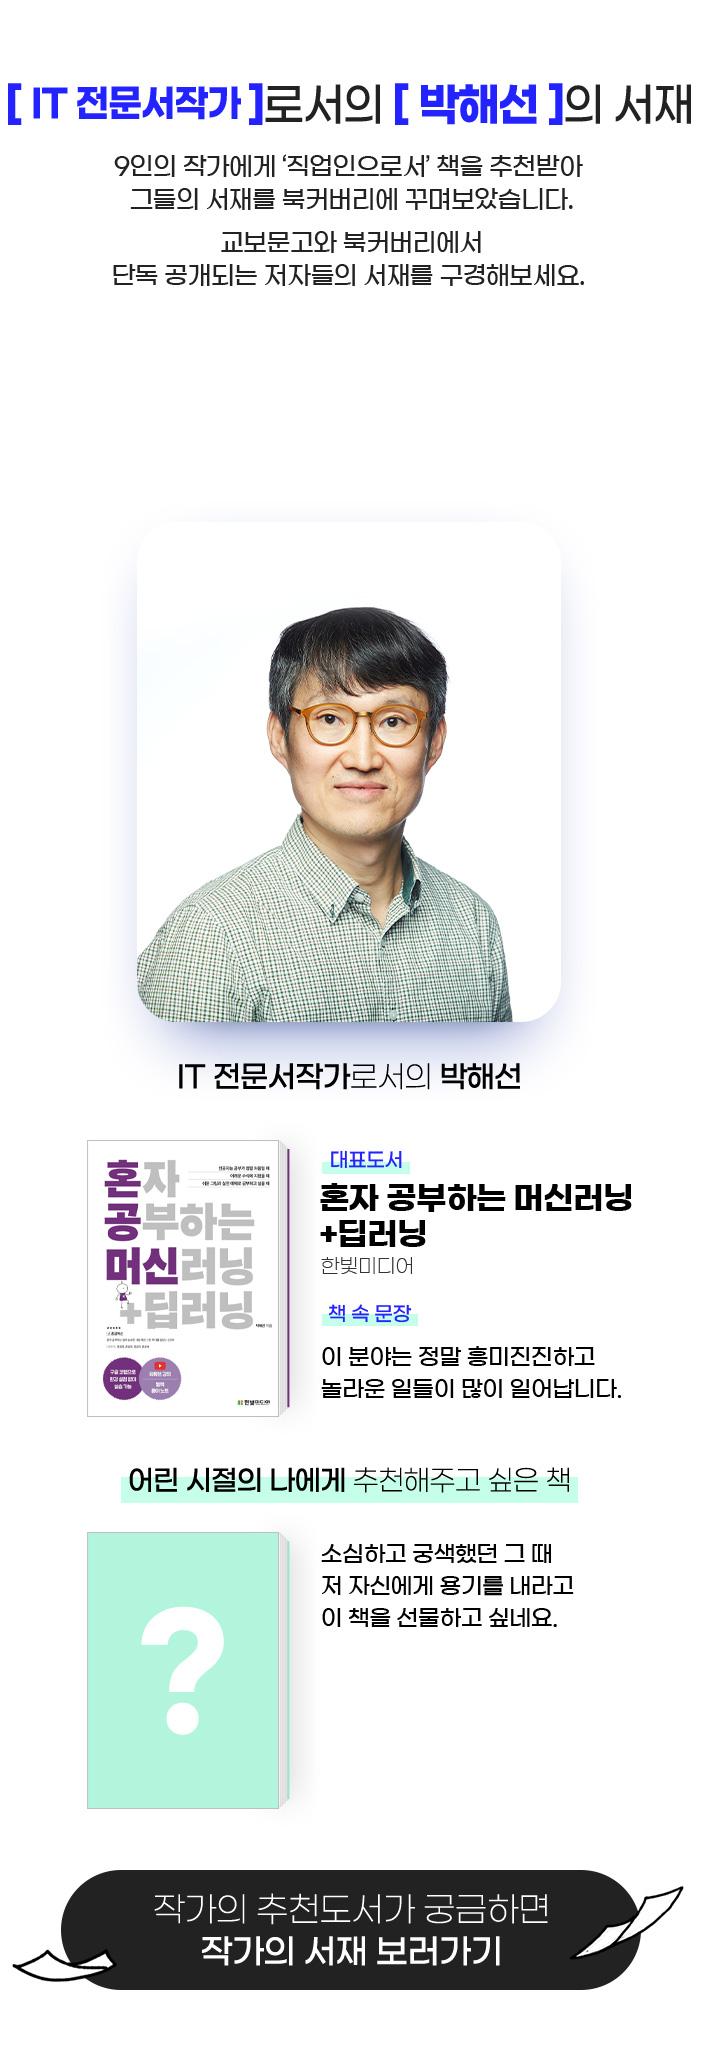 IT 전문서 작가로서의 박해선의 서재